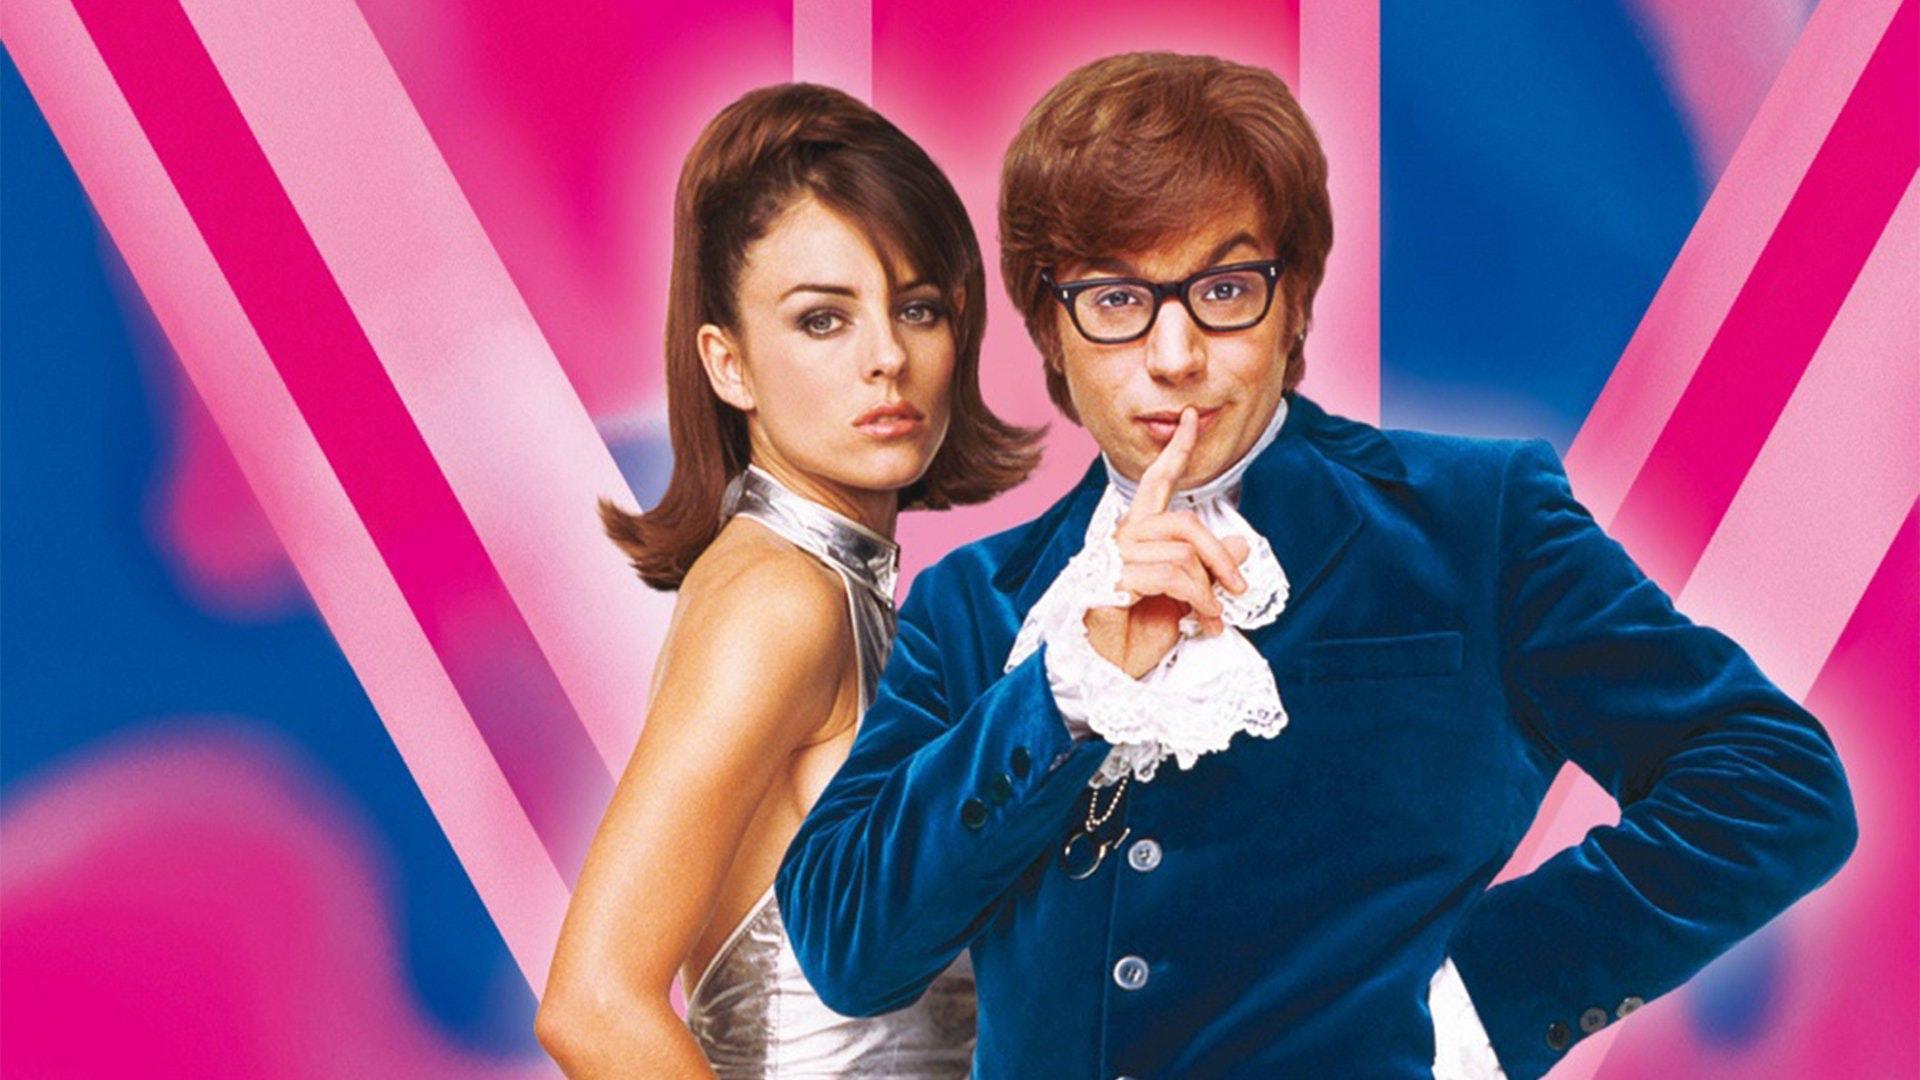 Austin Powers: International Man of Mystery Soundtrack